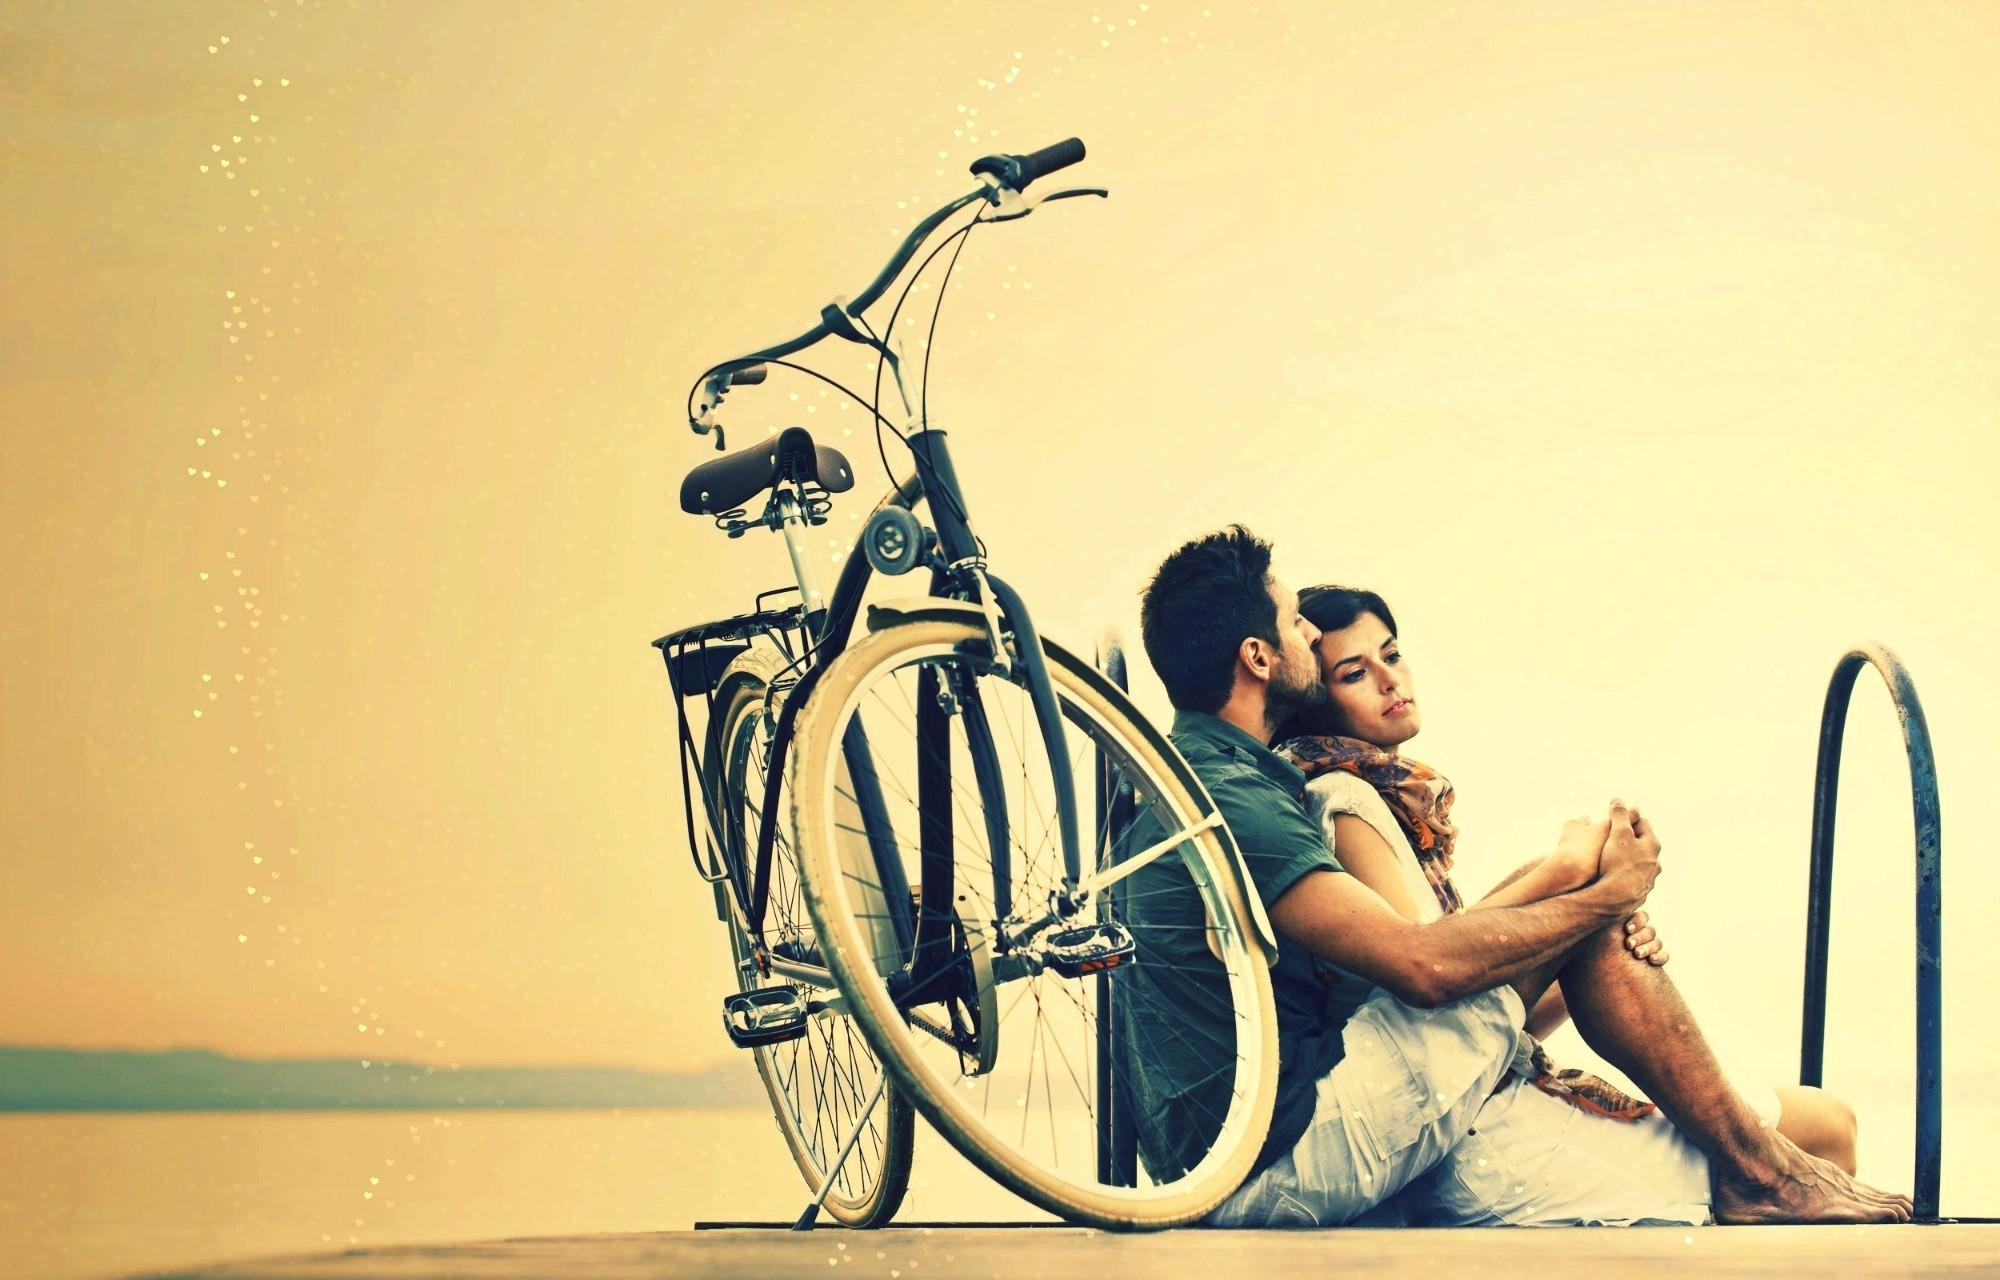 разу фотосессия на велосипеде пара его